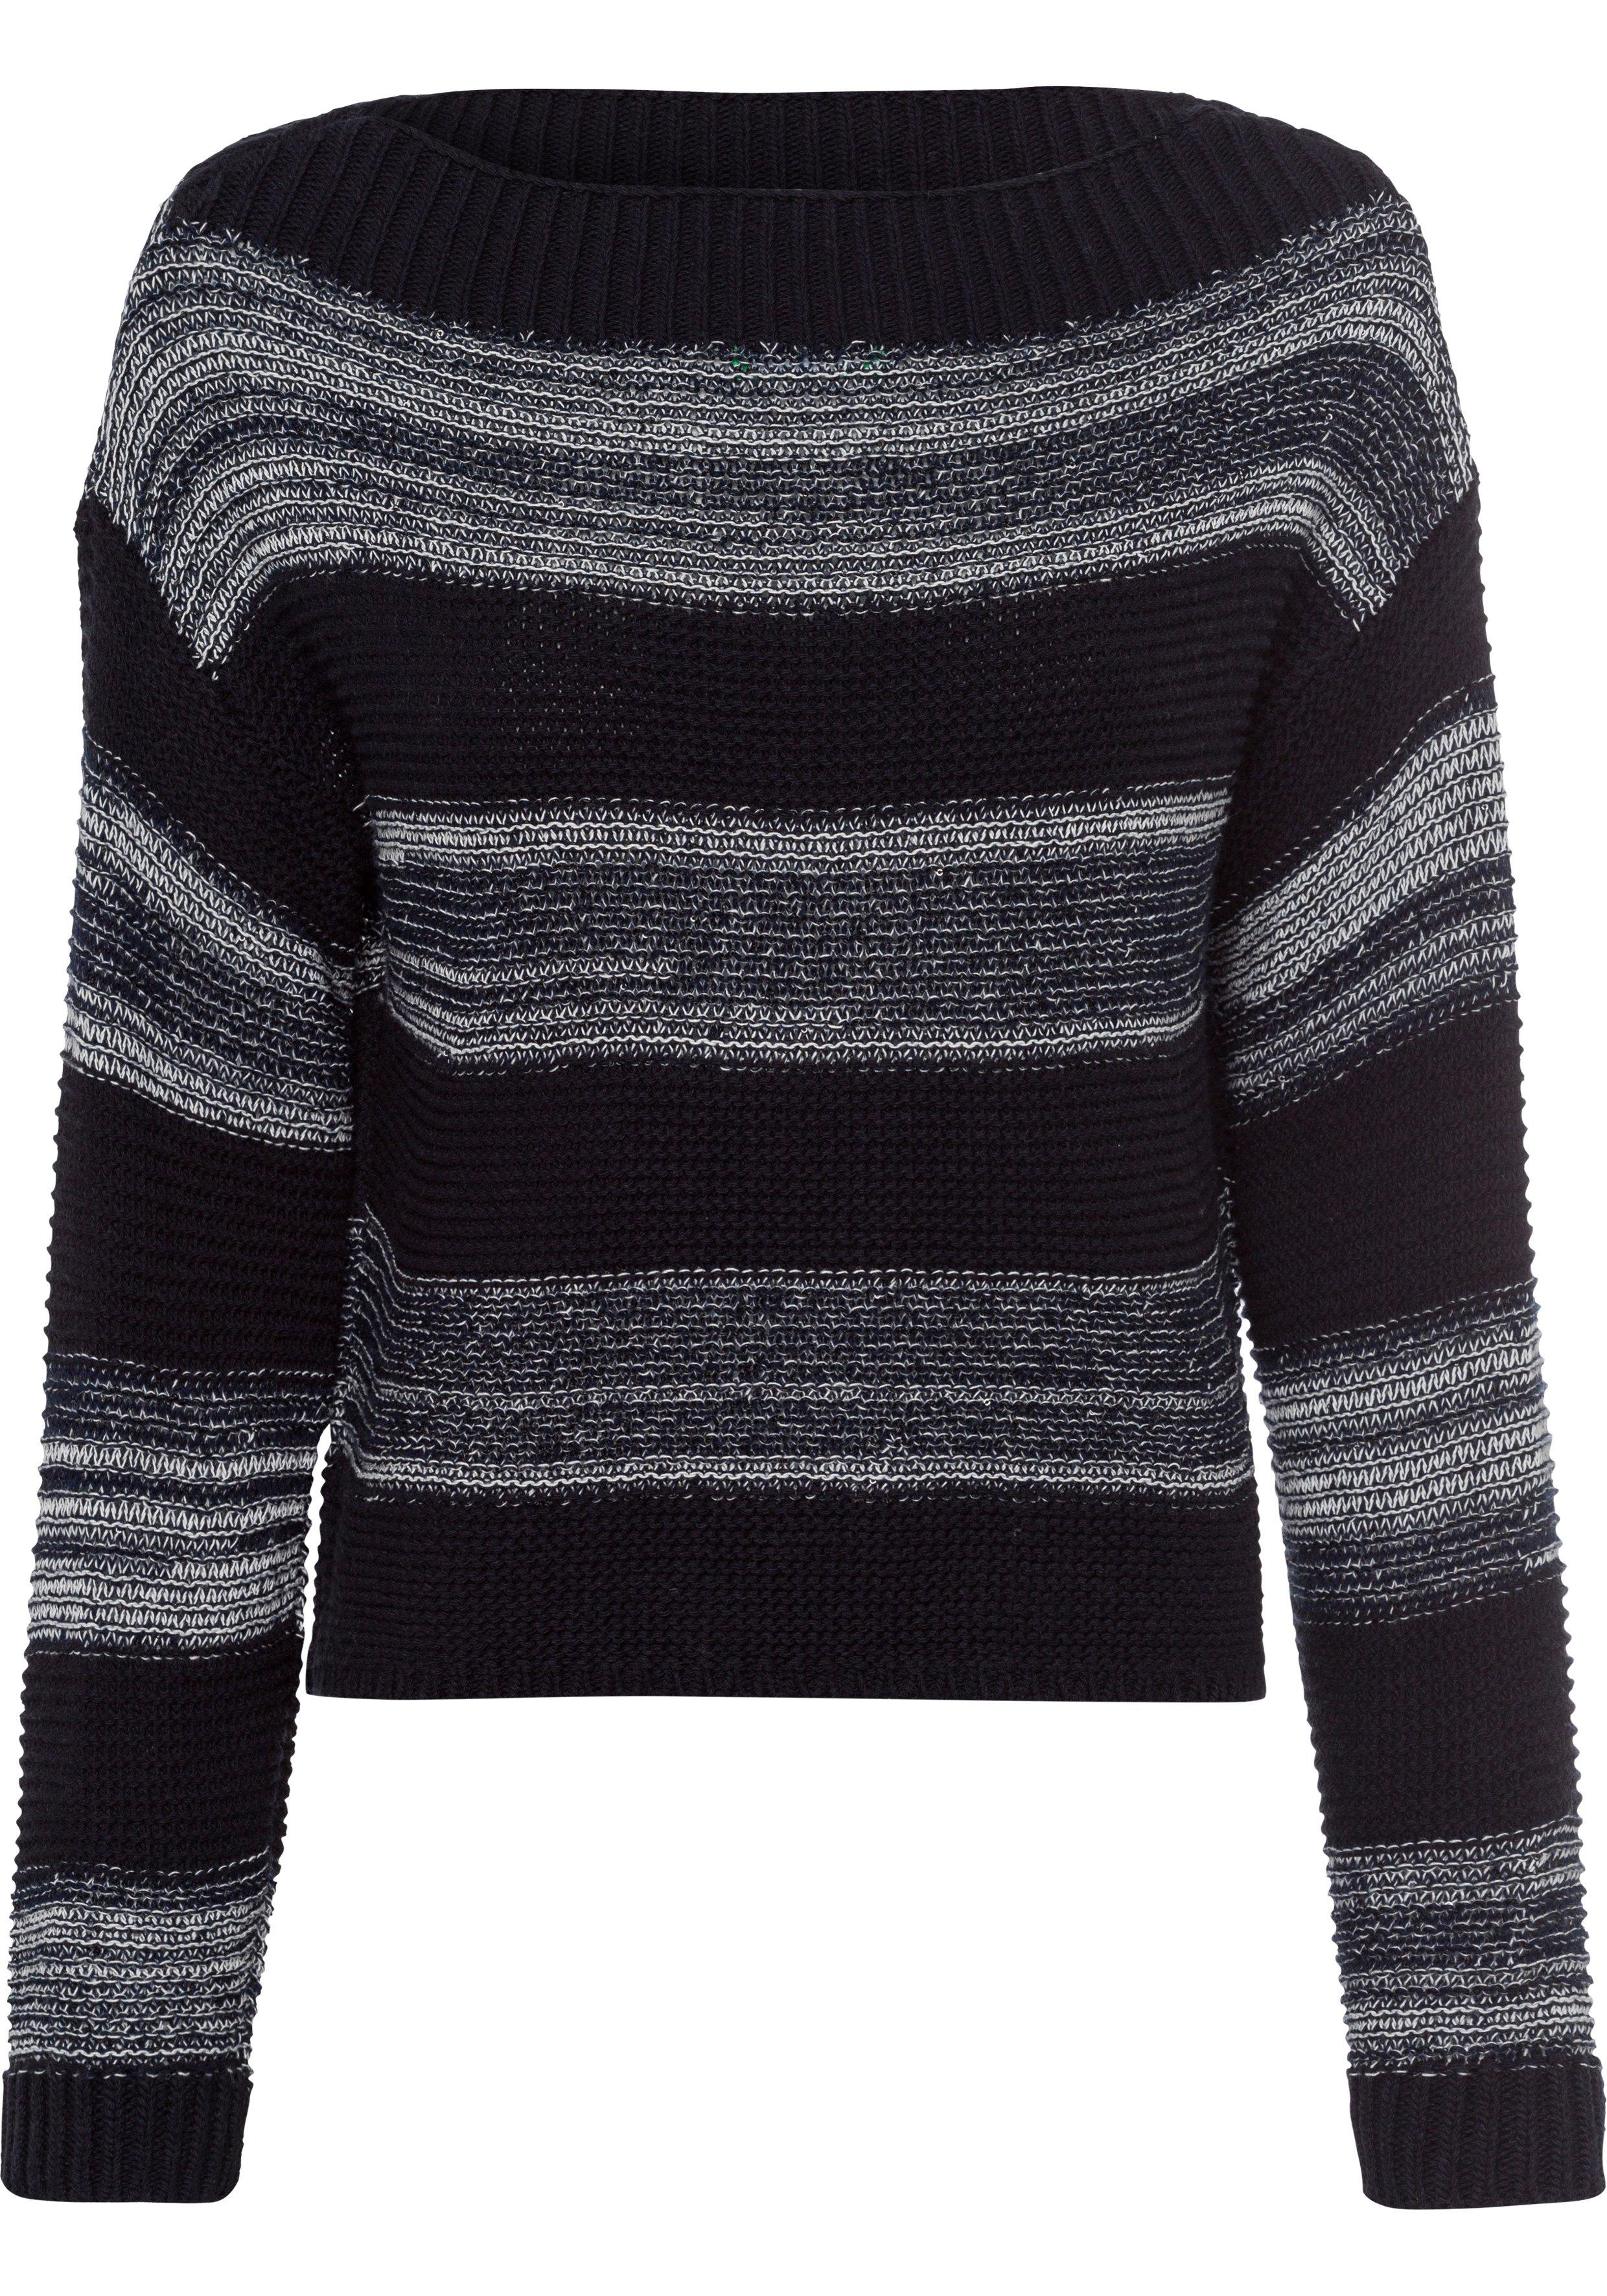 United Colors of Benetton Gebreide trui met stijlvol ingewerkte pailletten goedkoop op otto.nl kopen